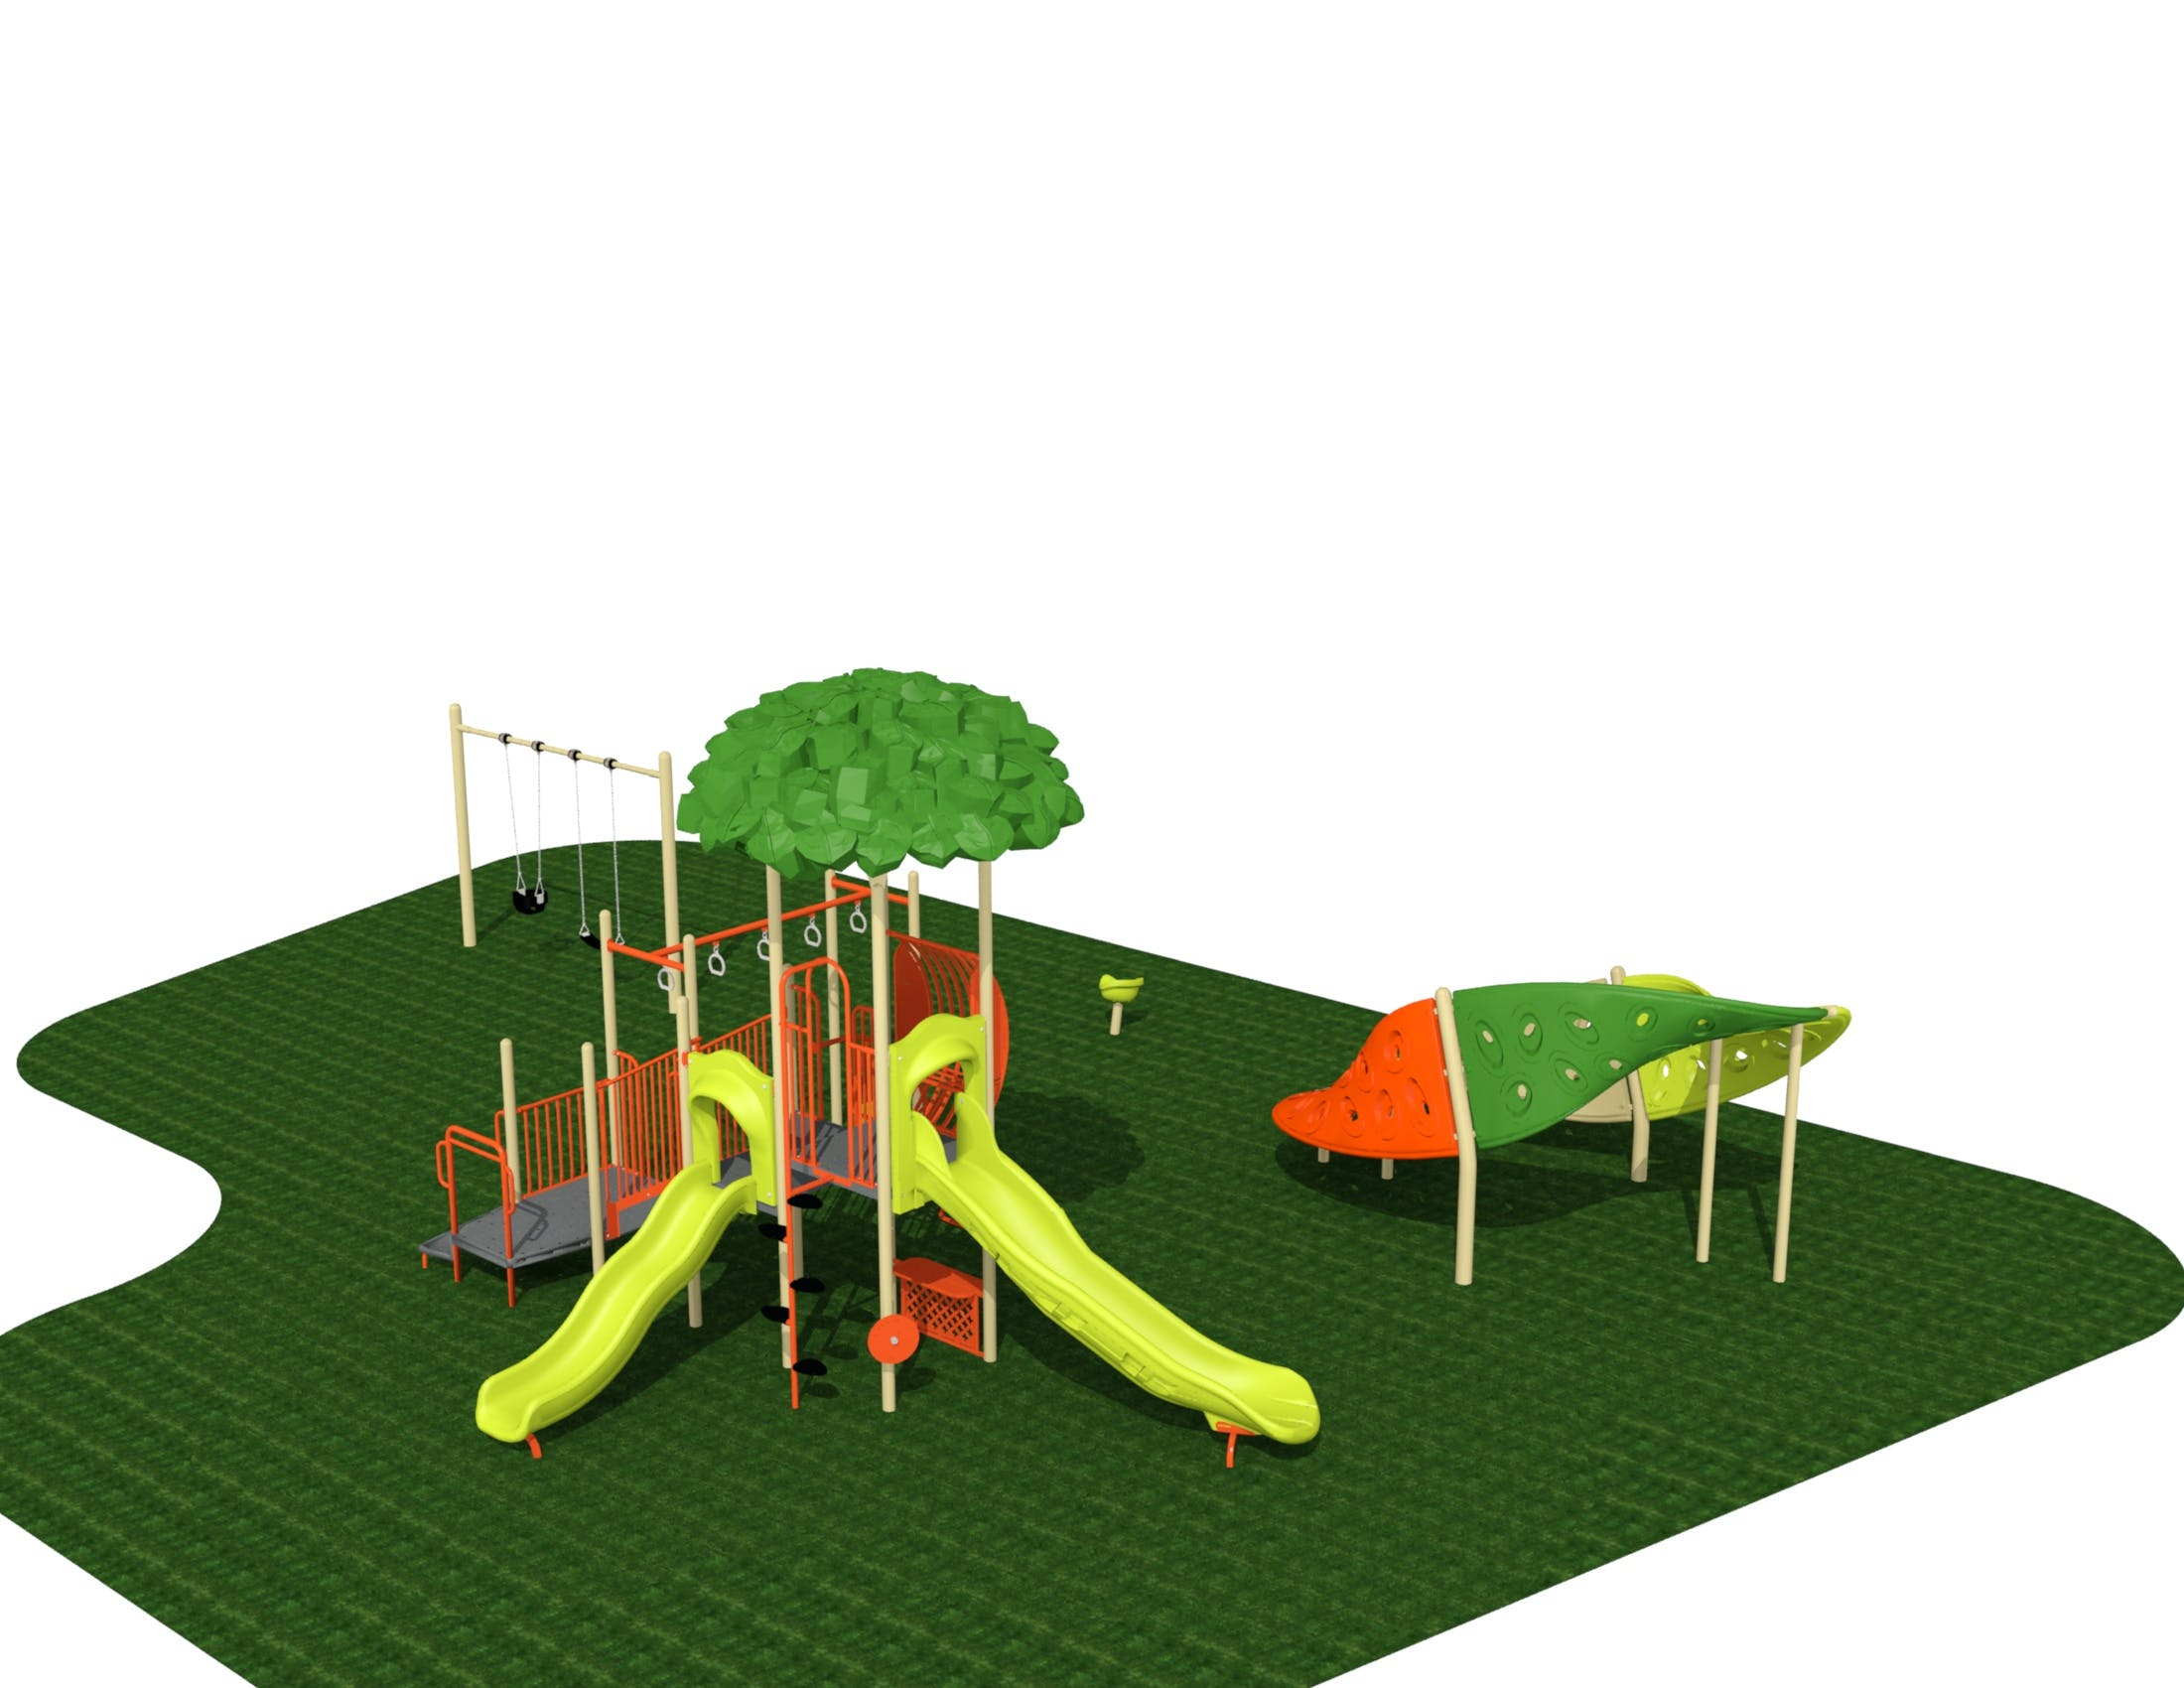 Kitchener Park Playground Rendering